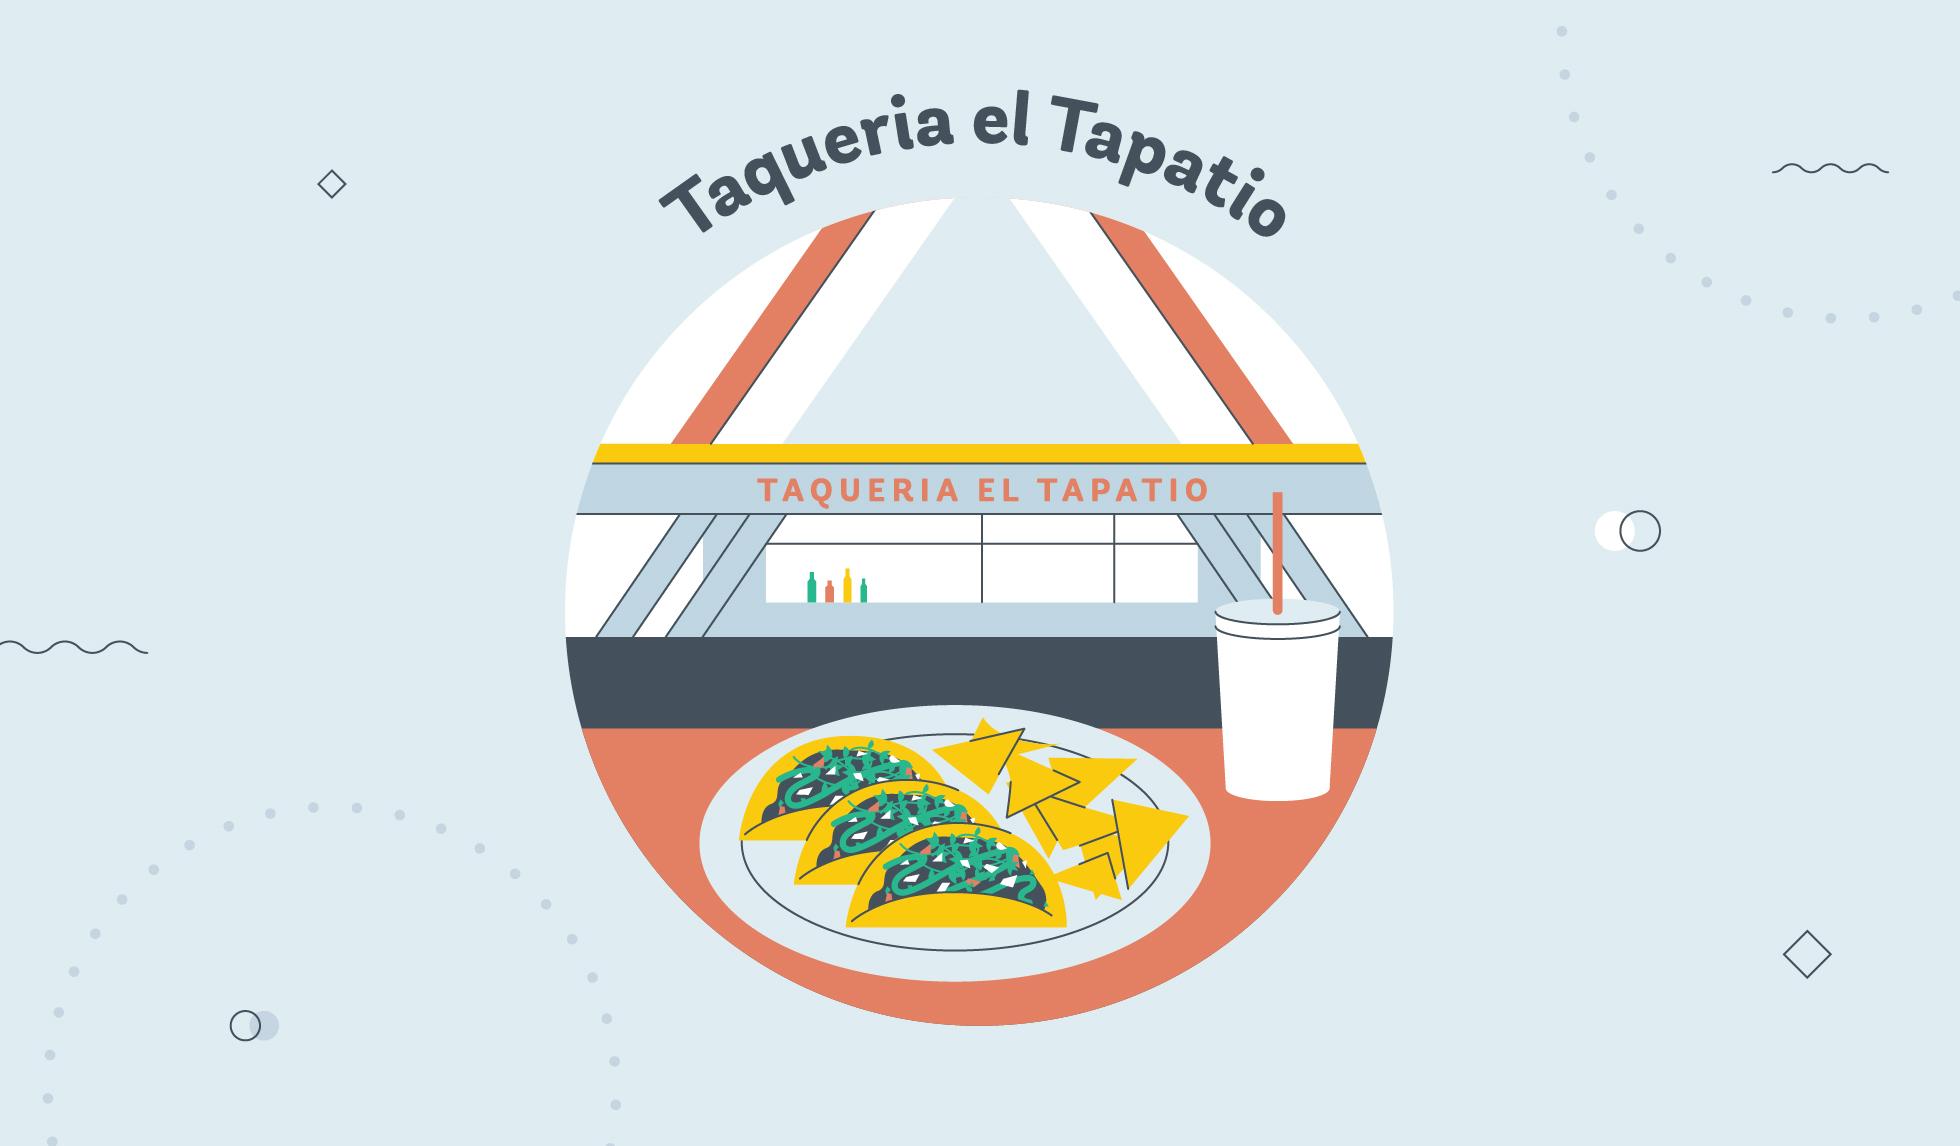 Taqueria El Tapatio graphic